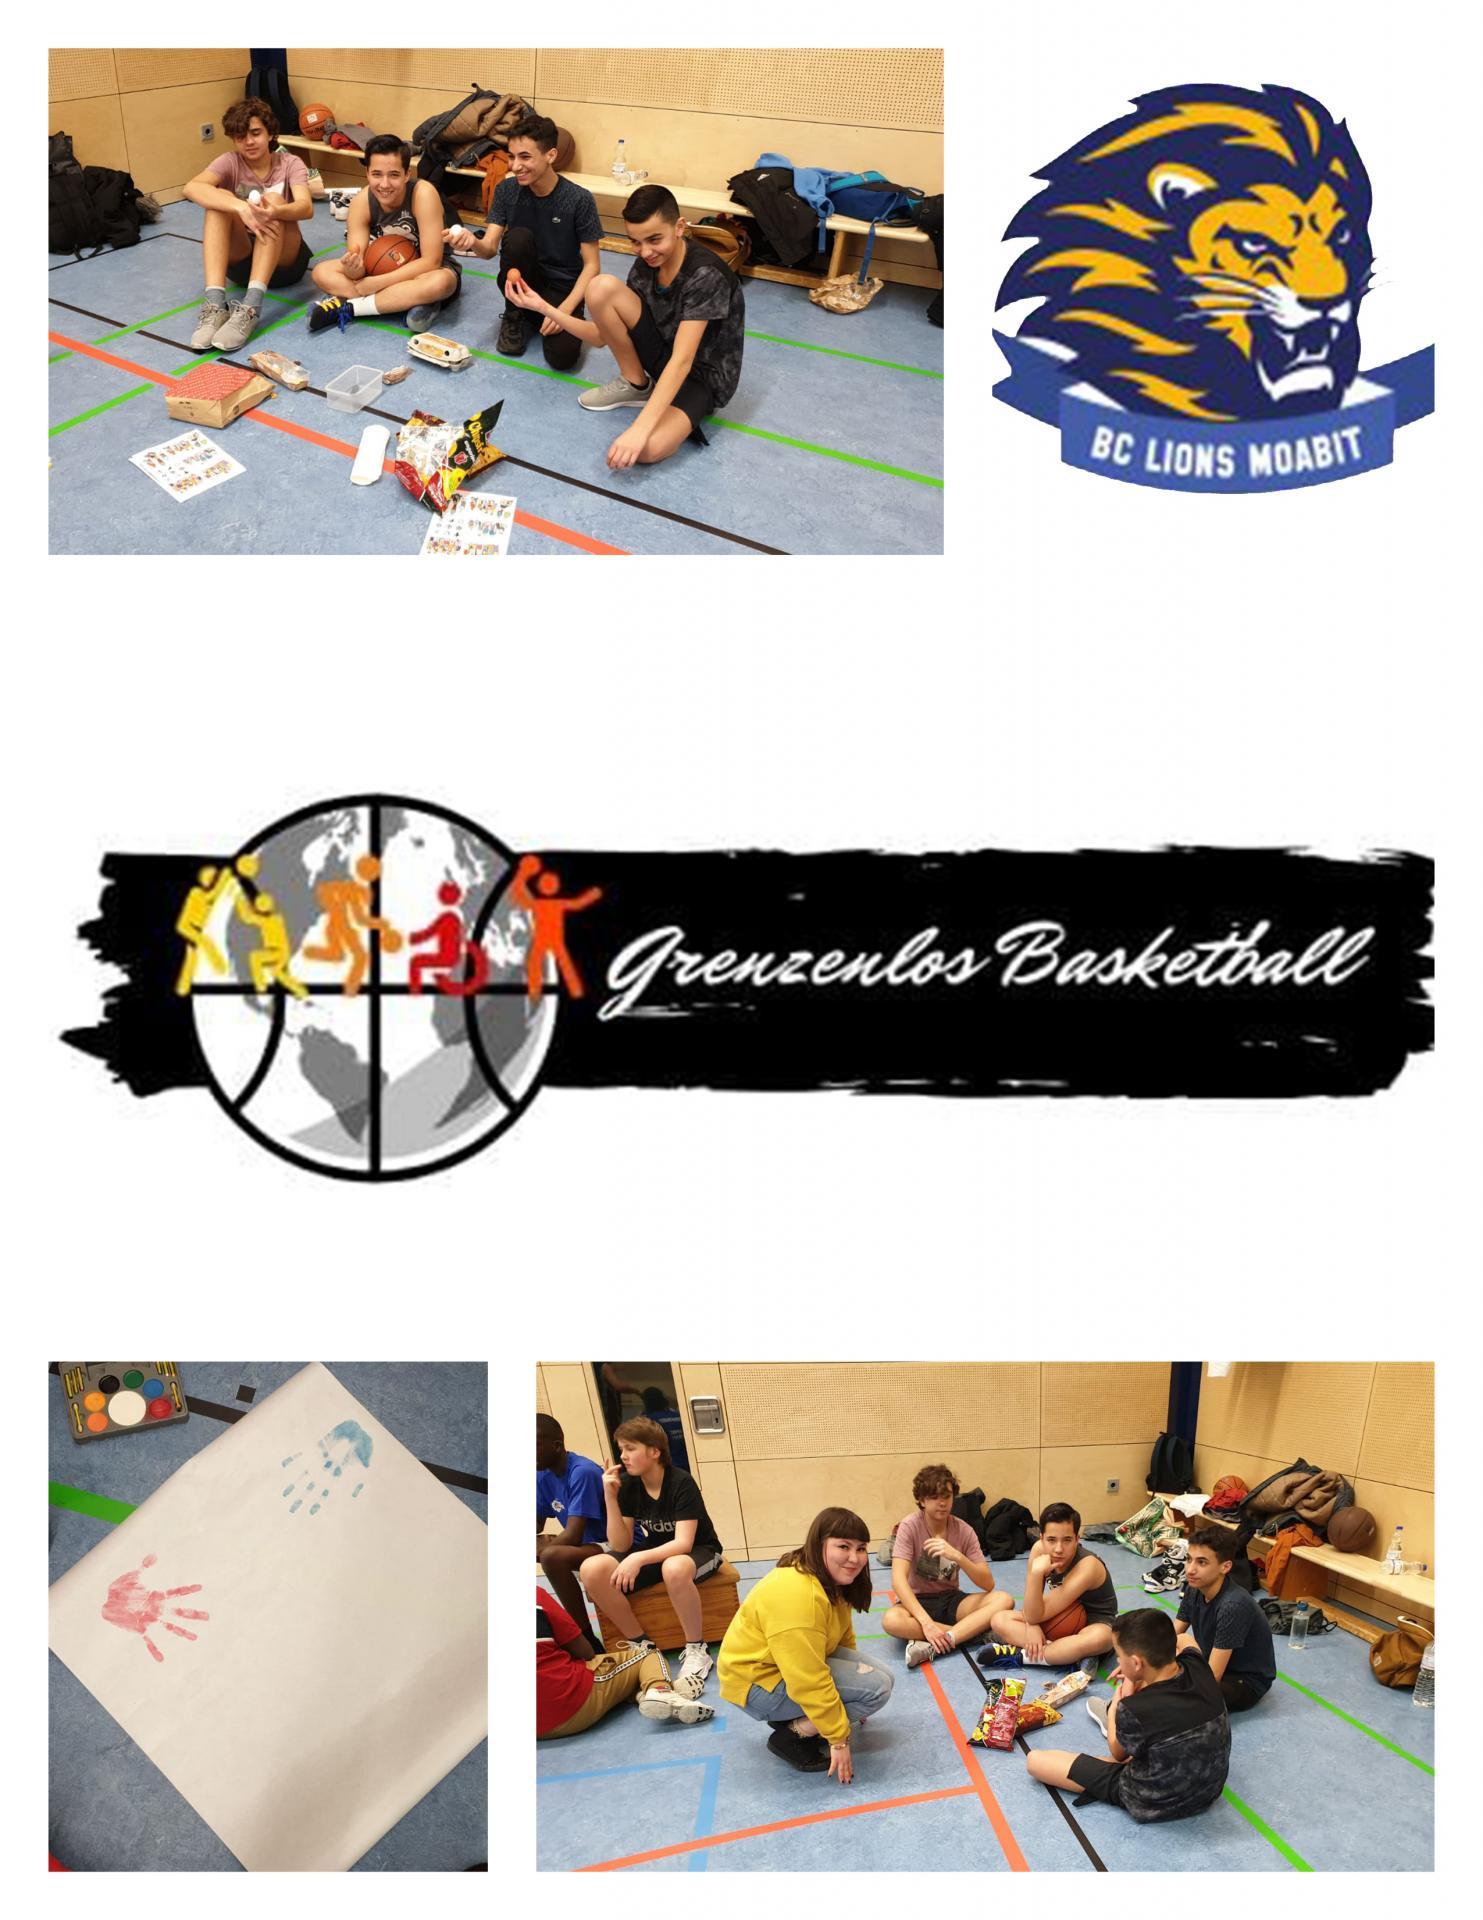 Grenzenlos Basketball Collage